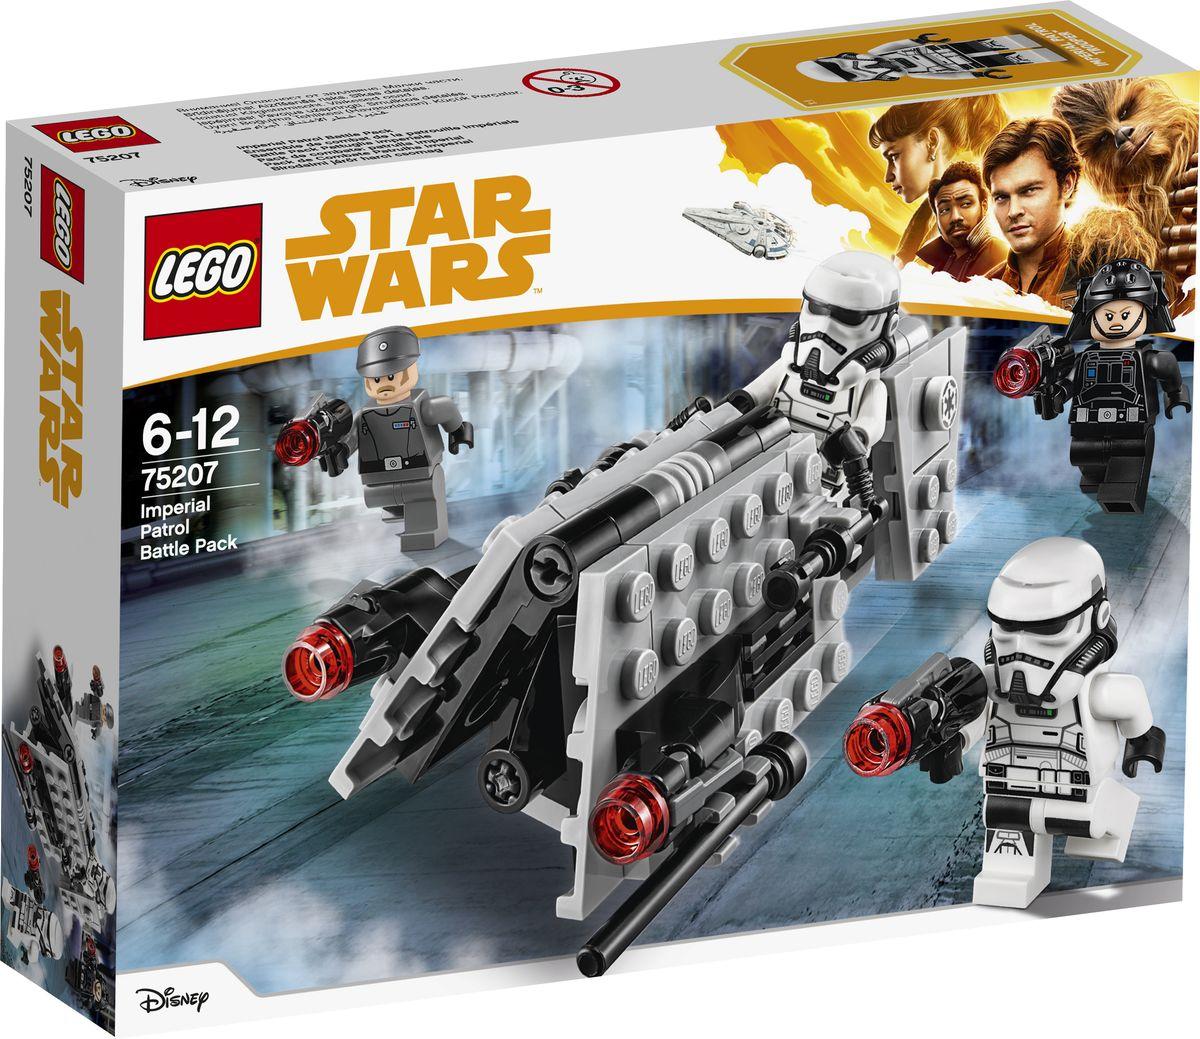 LEGO Star Wars Конструктор Боевой набор имперского патруля